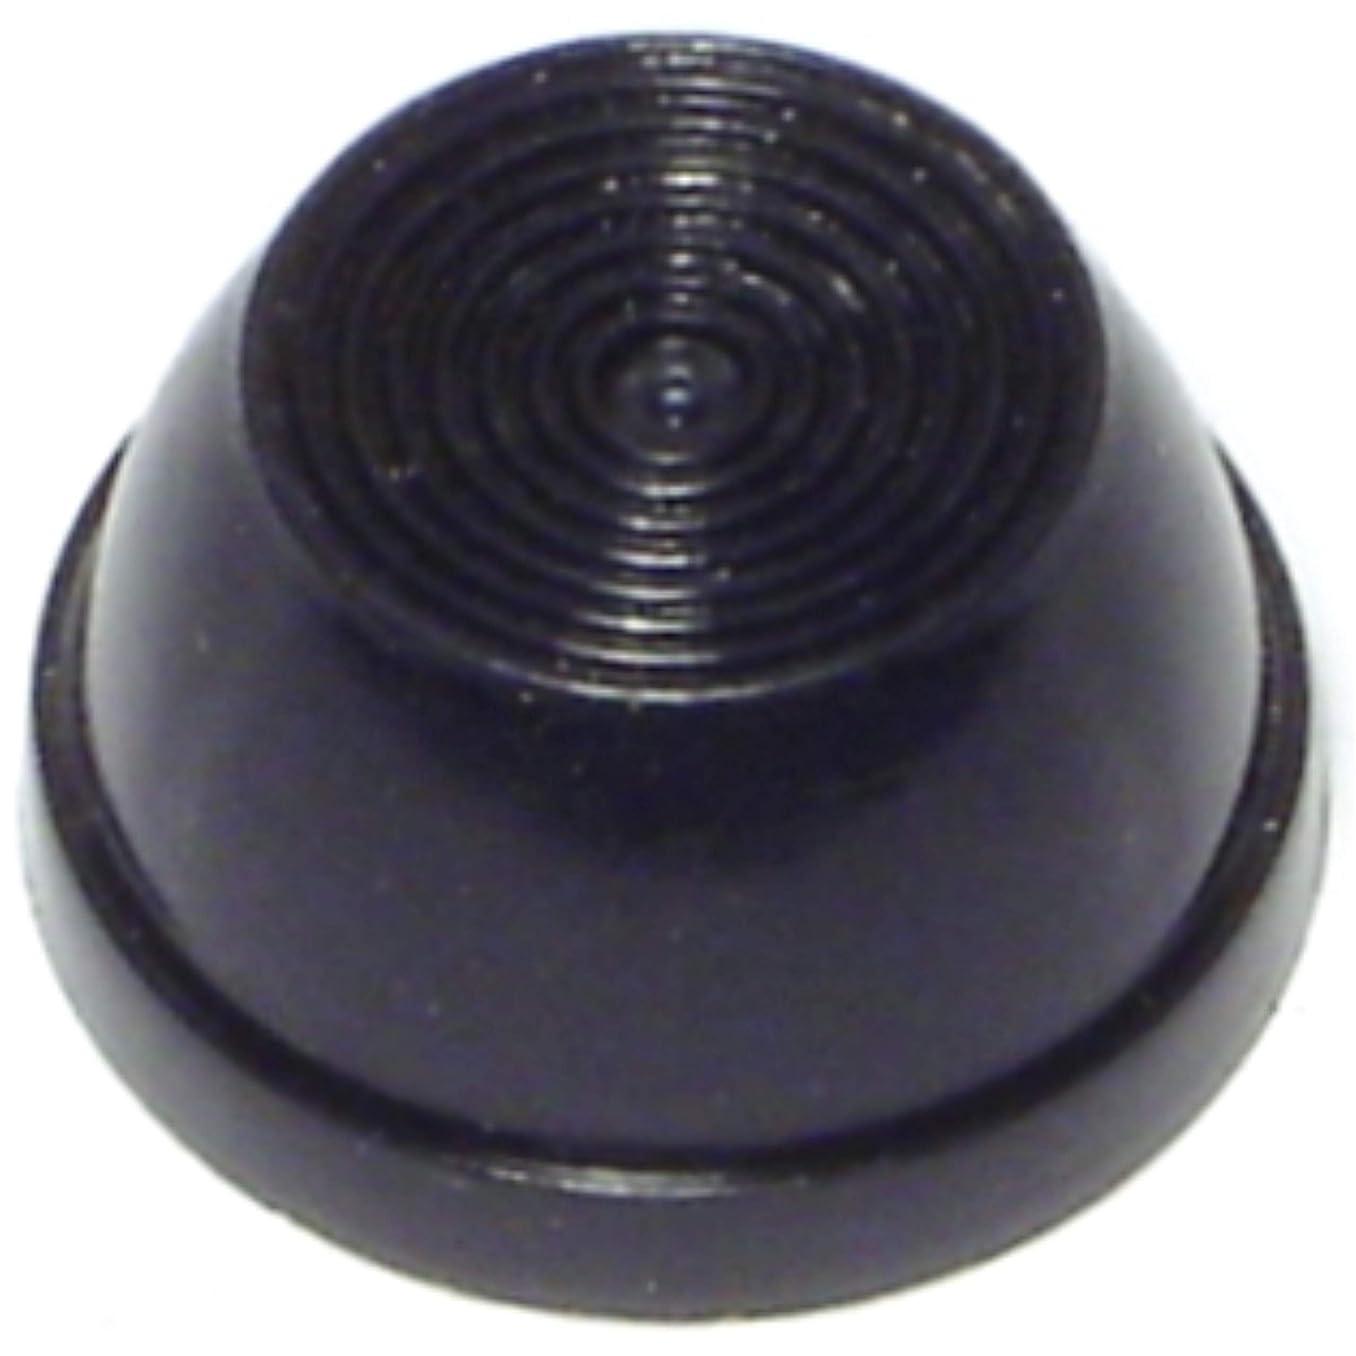 Hard-to-Find Fastener 014973221836 Push Nuts, 7/16, Piece-5